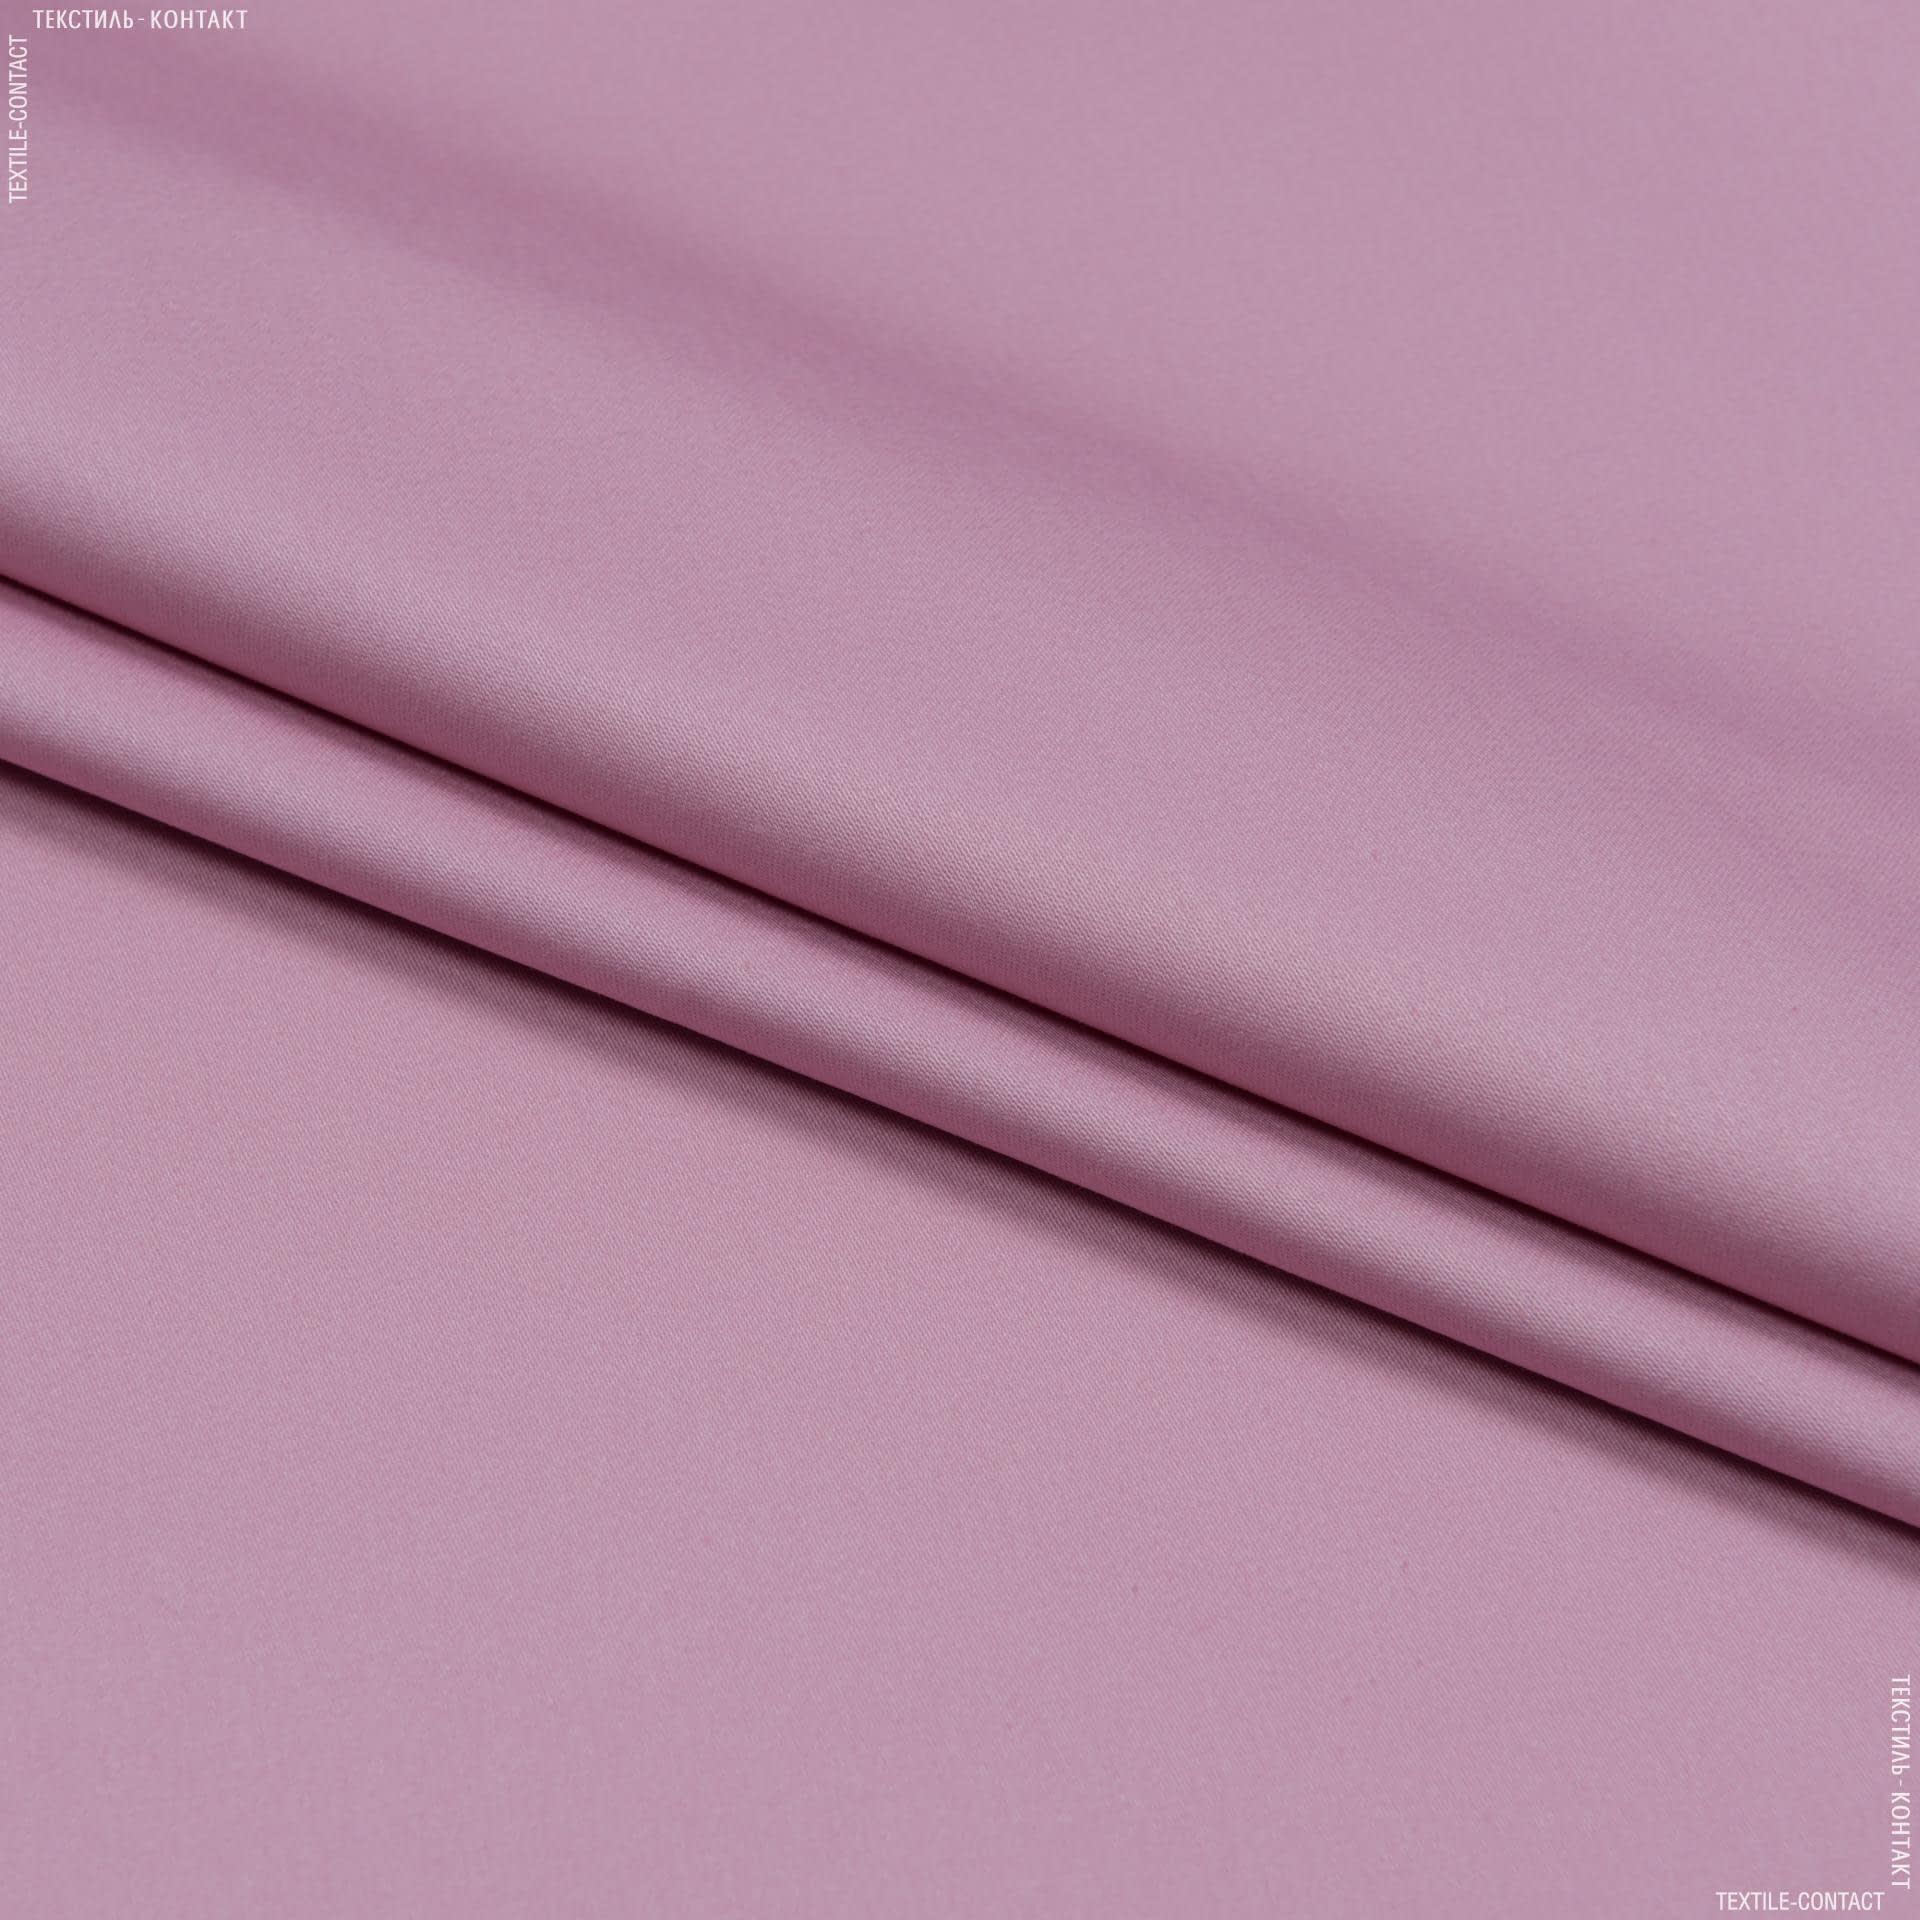 Тканини для штанів - Котон мод сатин рожевий